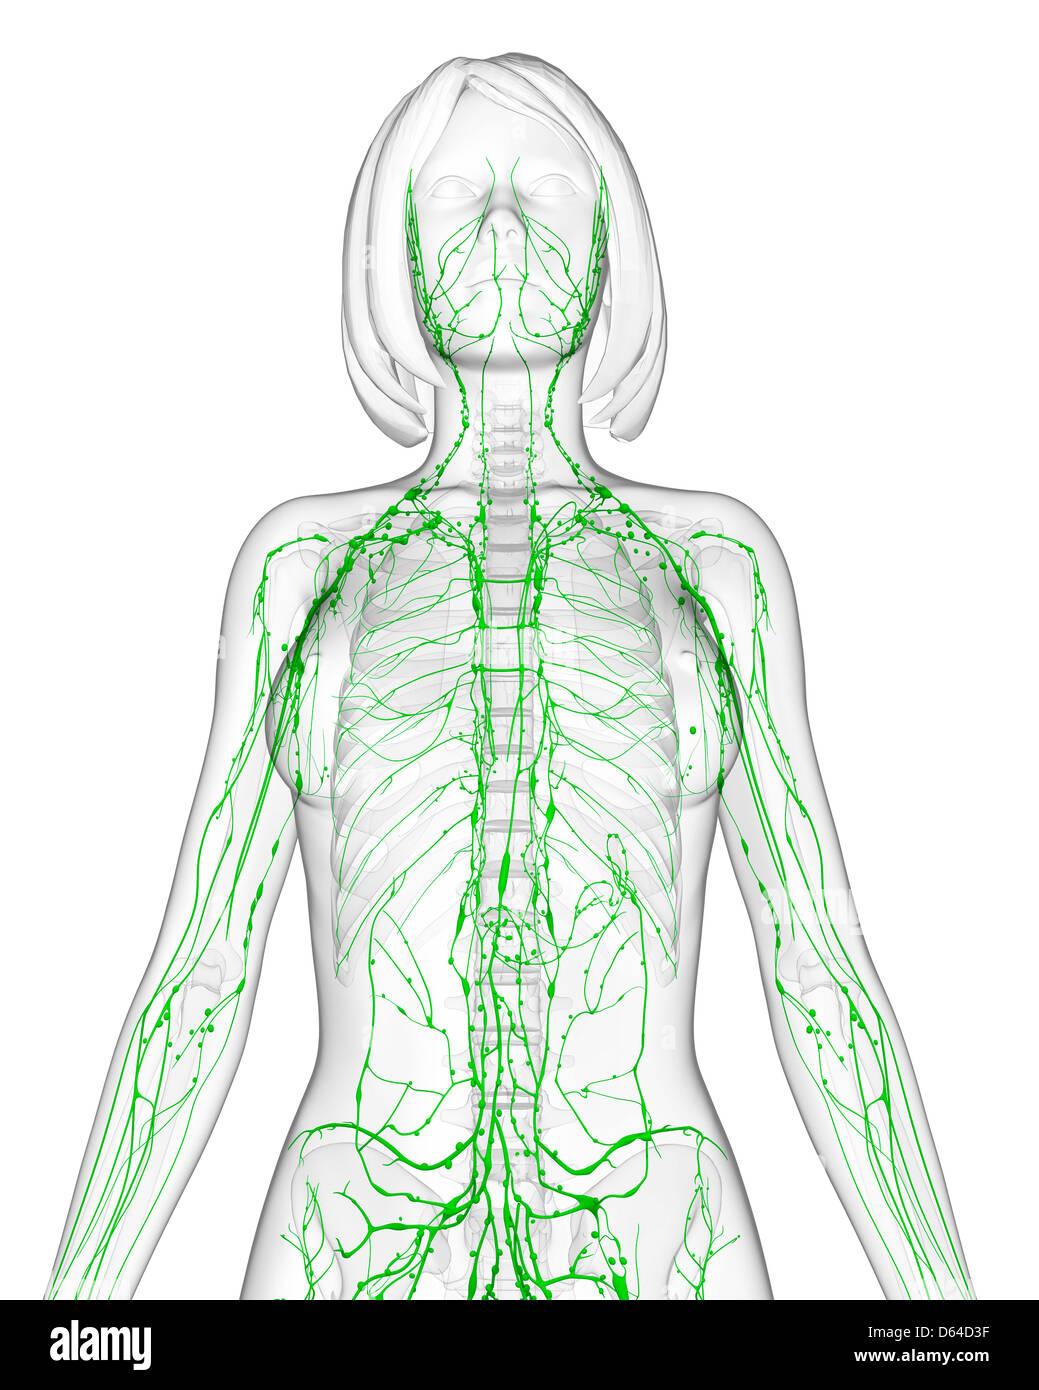 Nett Lymphsystem überblick Fotos - Menschliche Anatomie Bilder ...